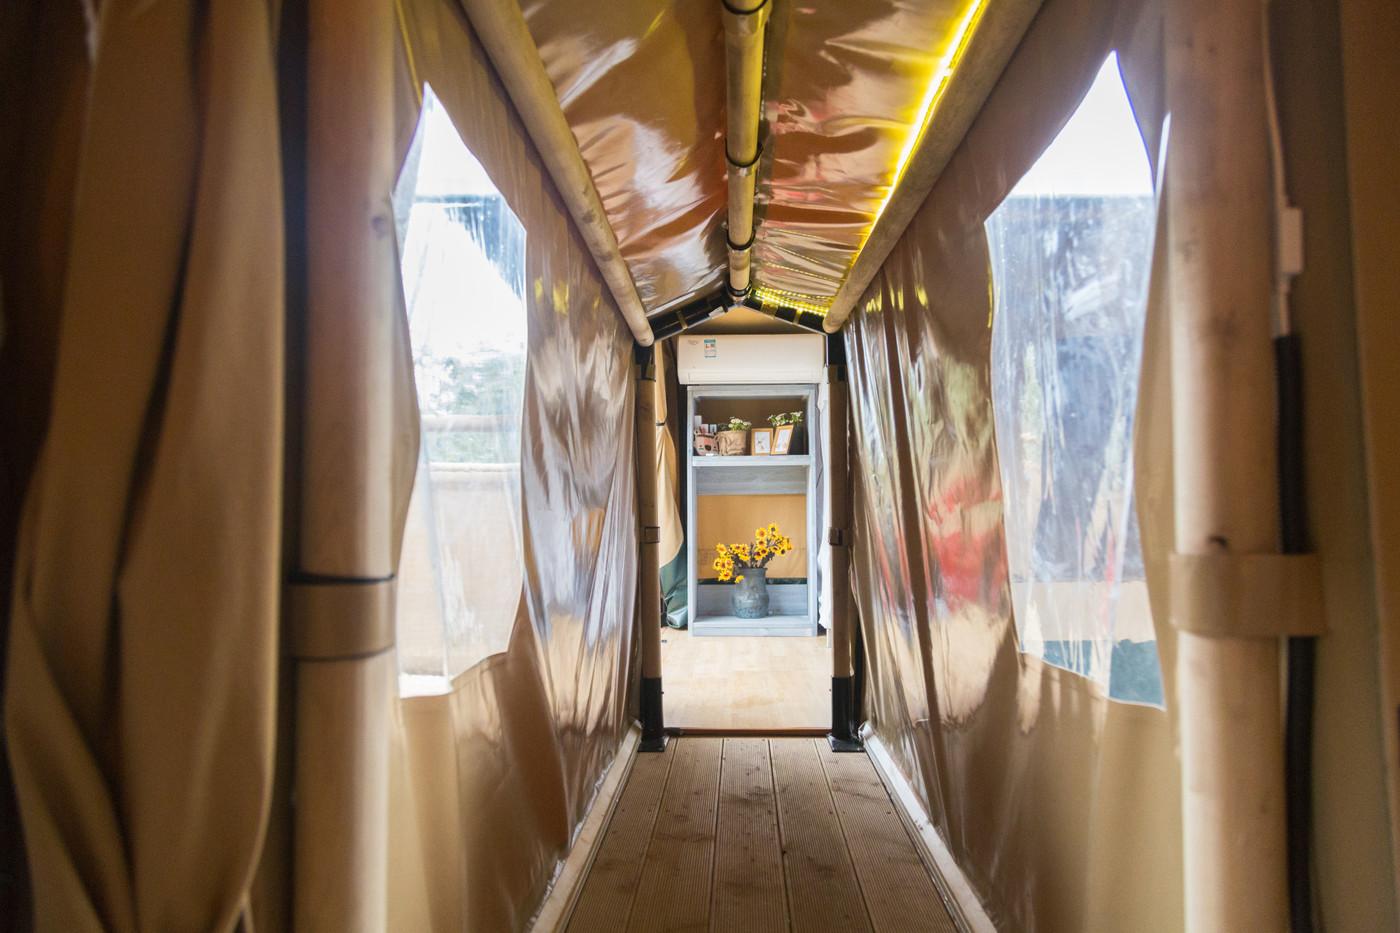 喜马拉雅上海迪士尼邻家营地子母房平地帐篷酒店29